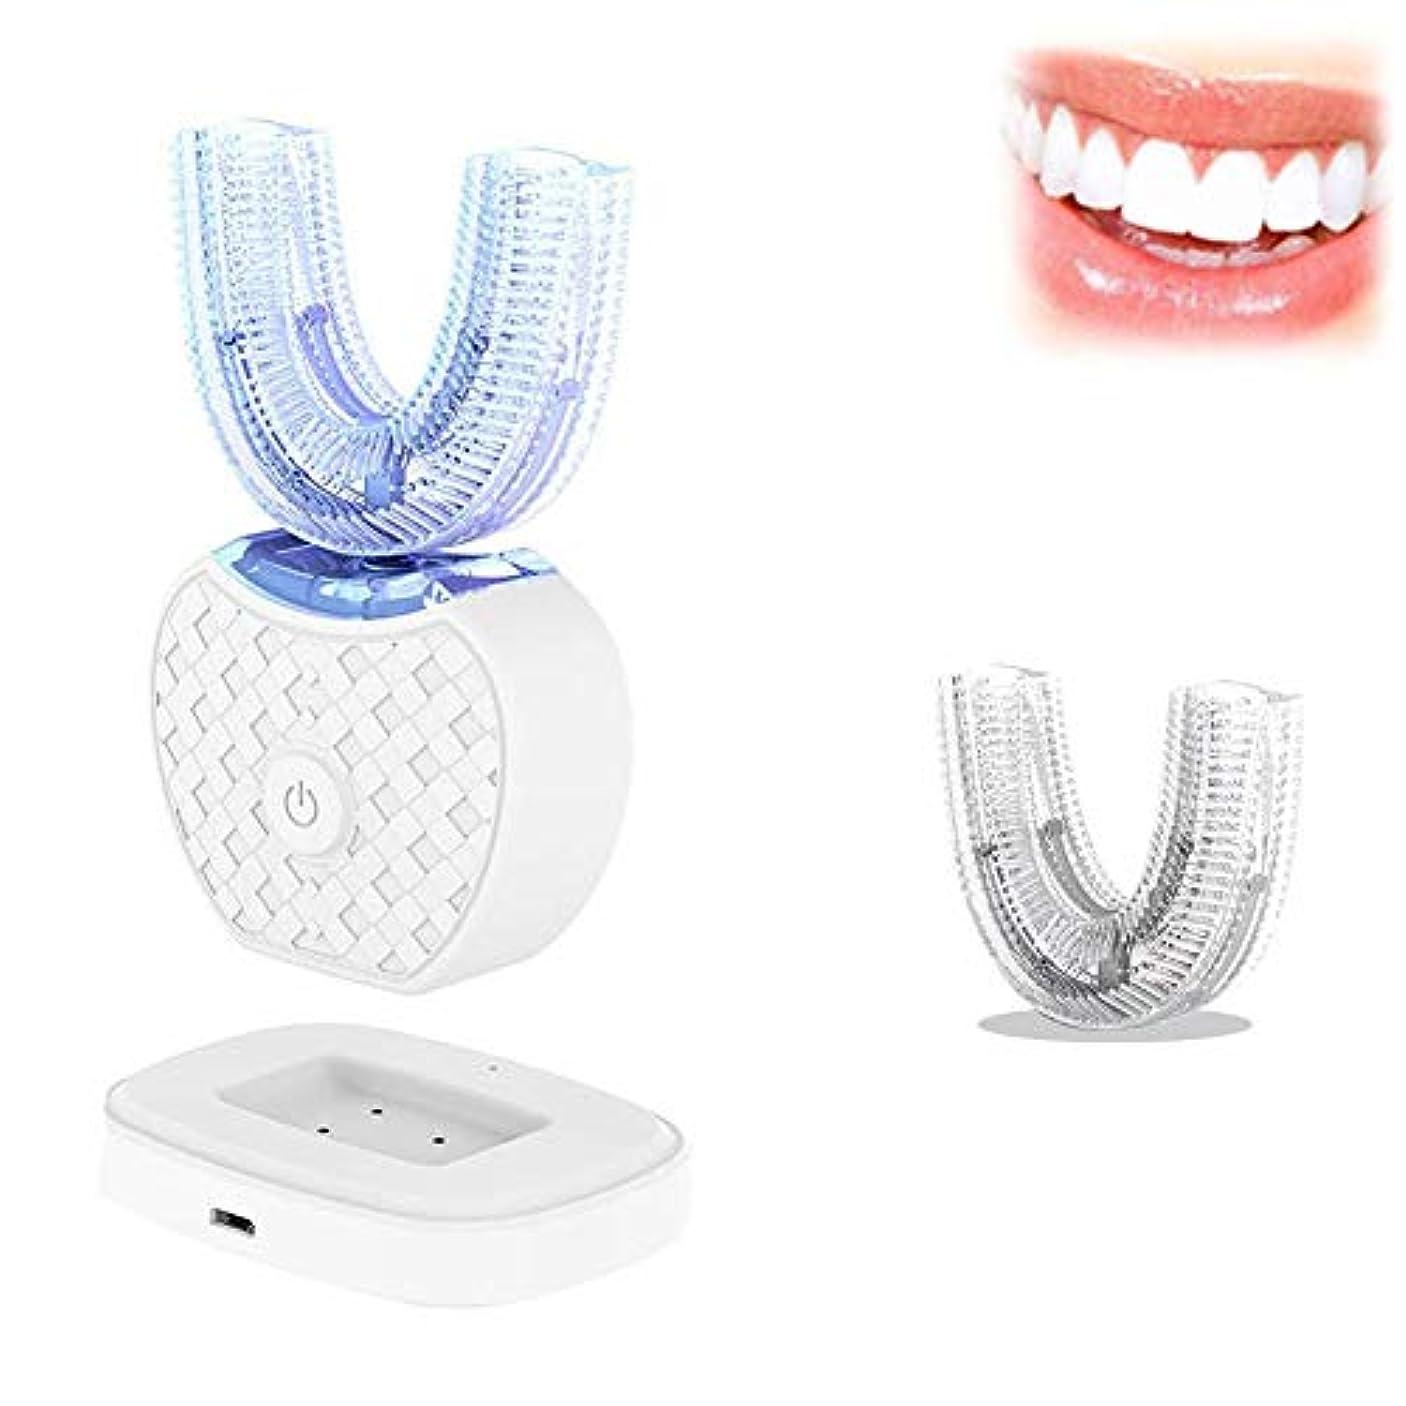 電動歯ブラシフルオートマチック360°超音波ホワイトニングU型マウスクリーナー充電式ワイヤレスポータブルLEDランプFDA / IPX7 (Color : White)